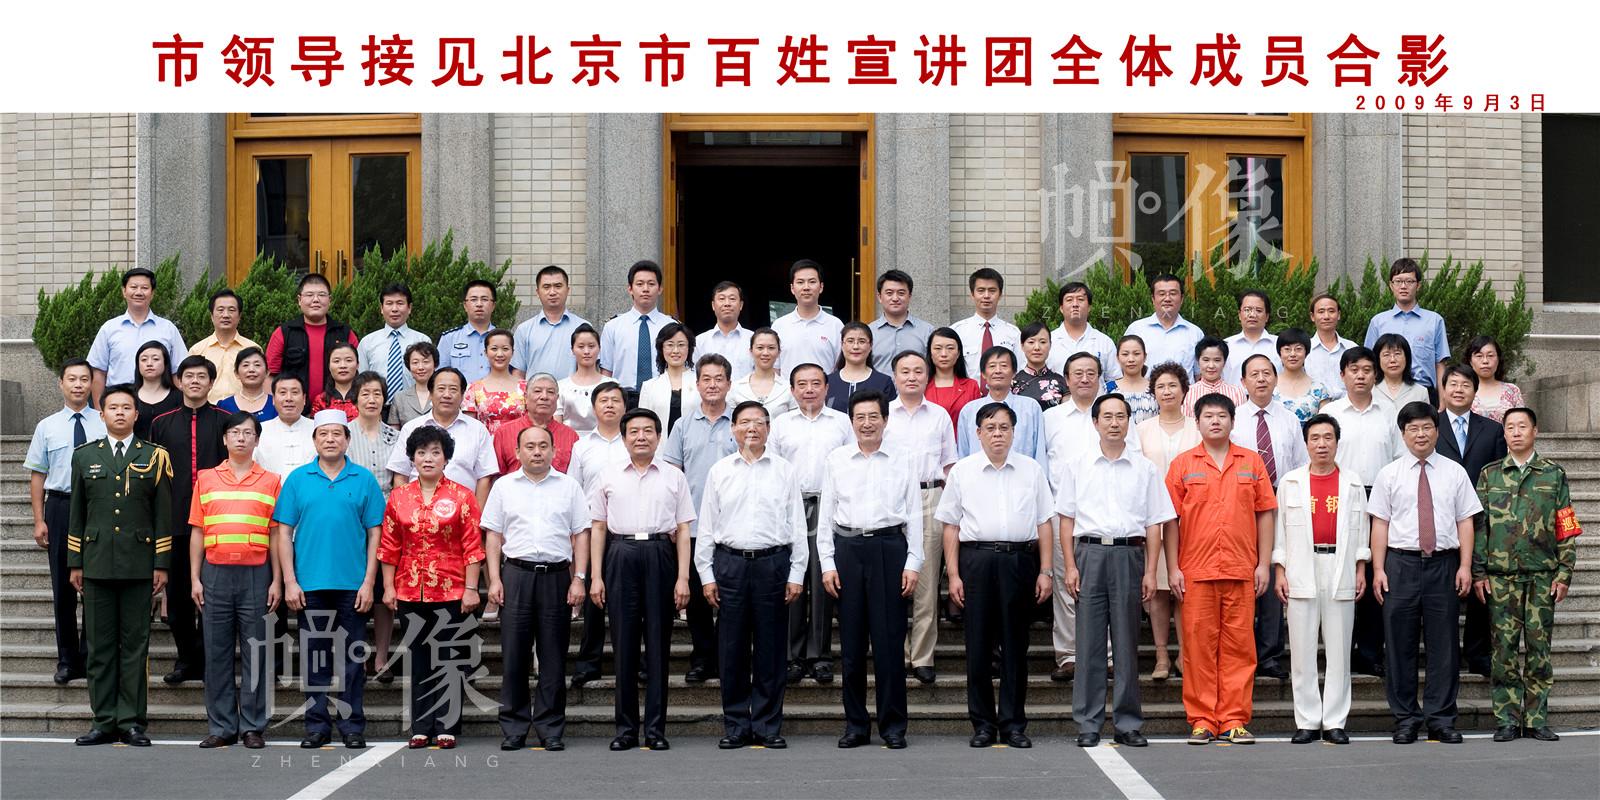 2009年11月,市领导接见北京市百姓宣讲团全体成员合影。(北京金海老年服务中心供图)